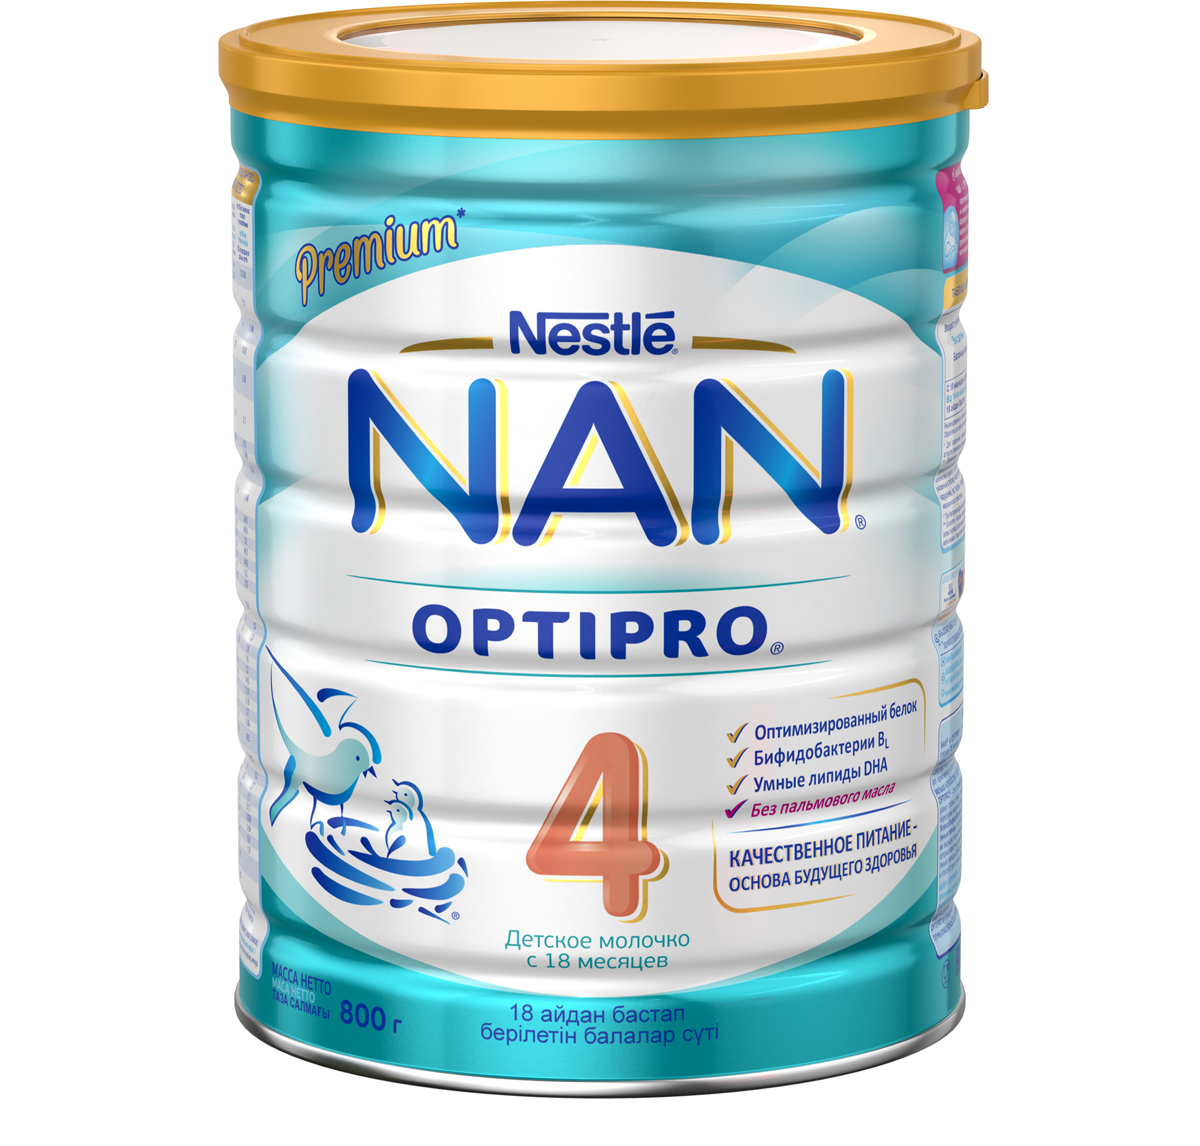 NAN 4 OPTIPRO молочко, с 18 месяцев, 800 г12297774Знаете ли вы, что белок определяет здоровье вашего ребенка на всю жизнь?Научно доказано, что белок - один из самых важных нутриентов для роста и развития вашего ребенка, включая формирование мозга, мыщечной ткани и других органов. Качество и